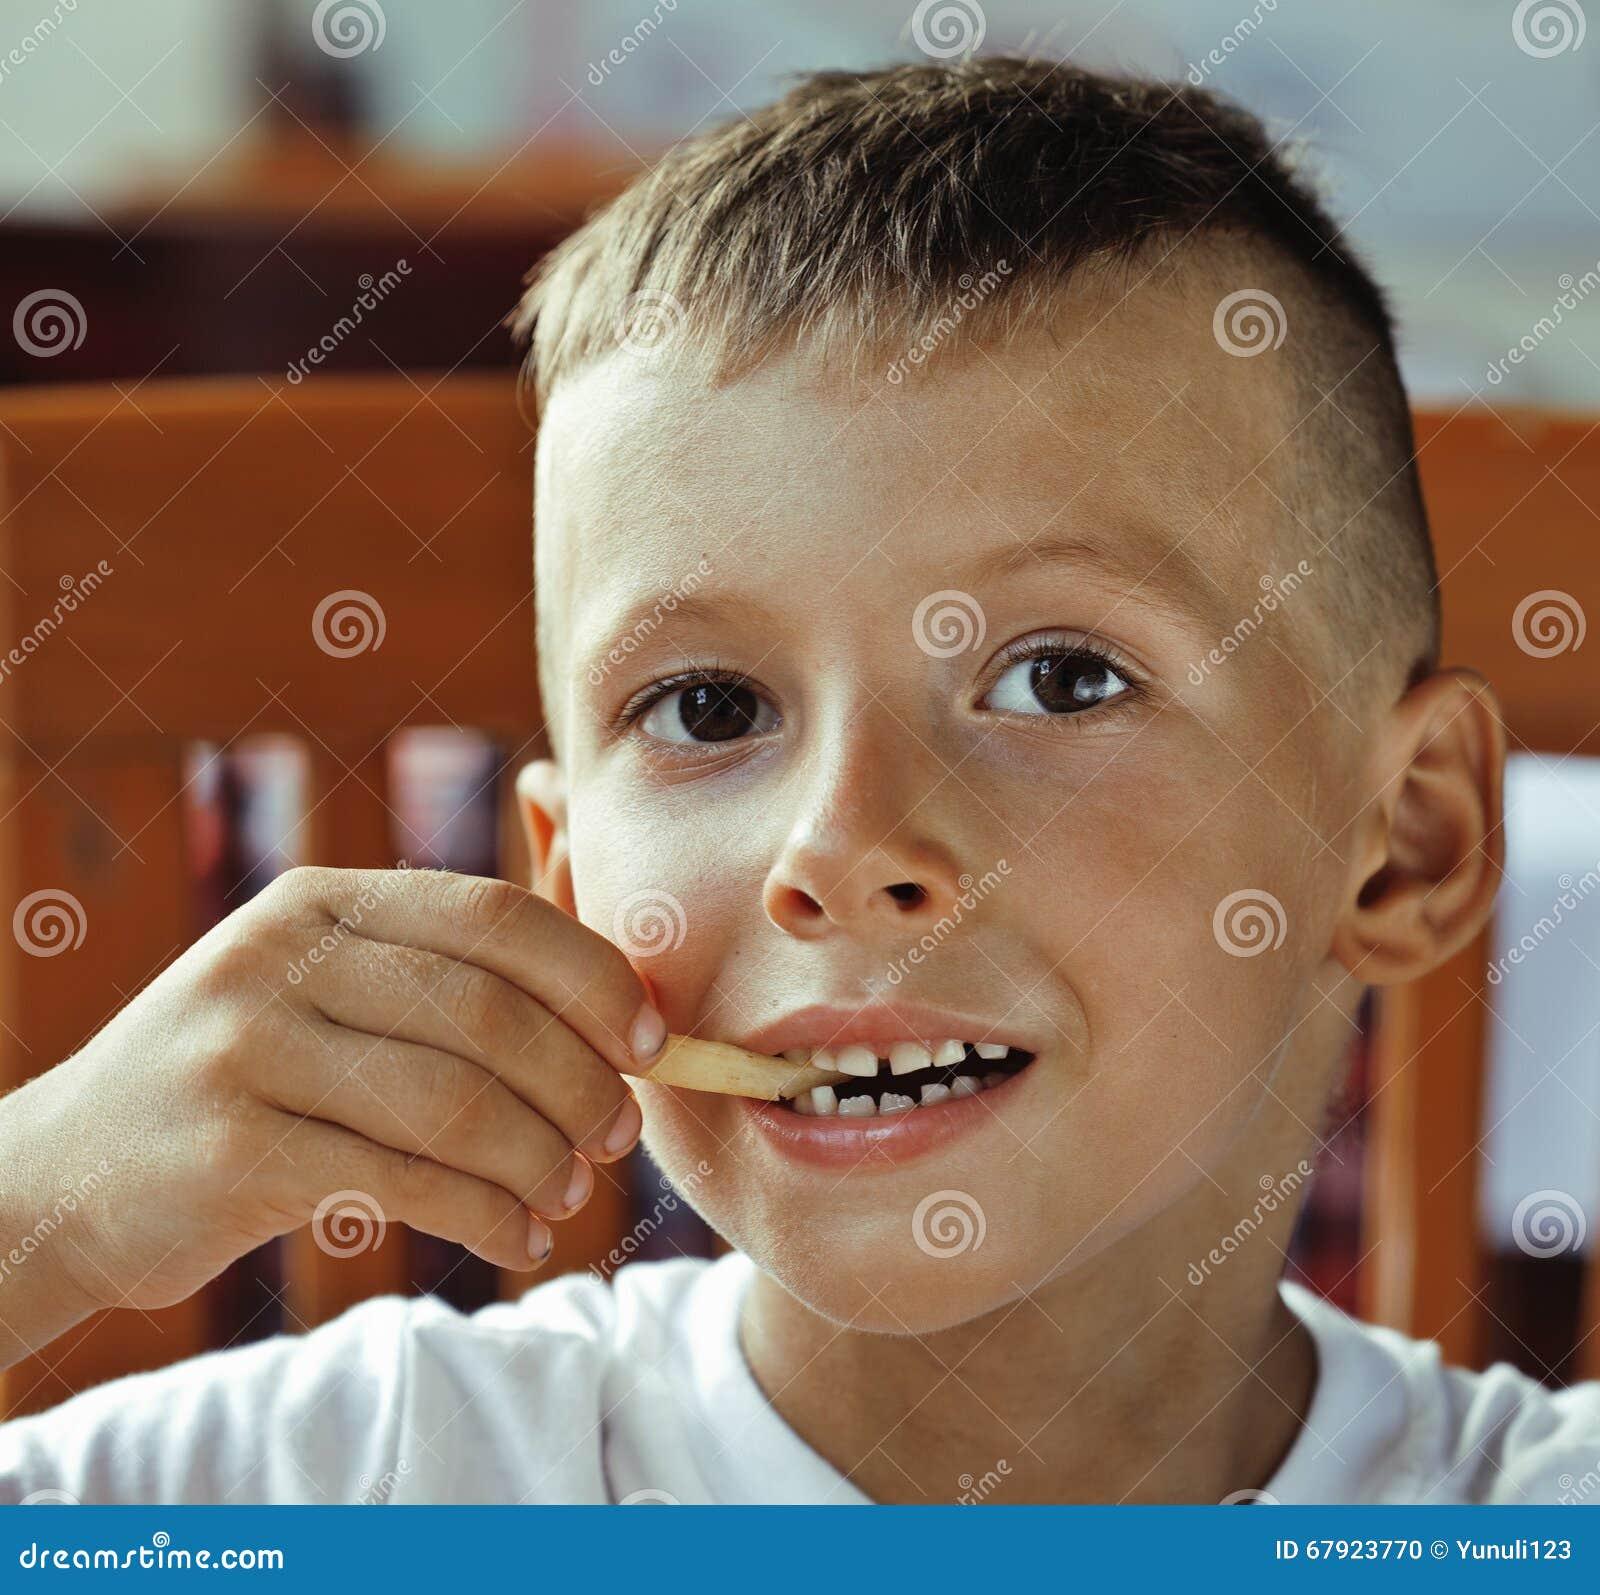 Weinig leuke jongen 6 jaar oud met hamburger en frietenmaki stock foto afbeelding 67923770 - Deco slaapkamer jongen jaar oud ...